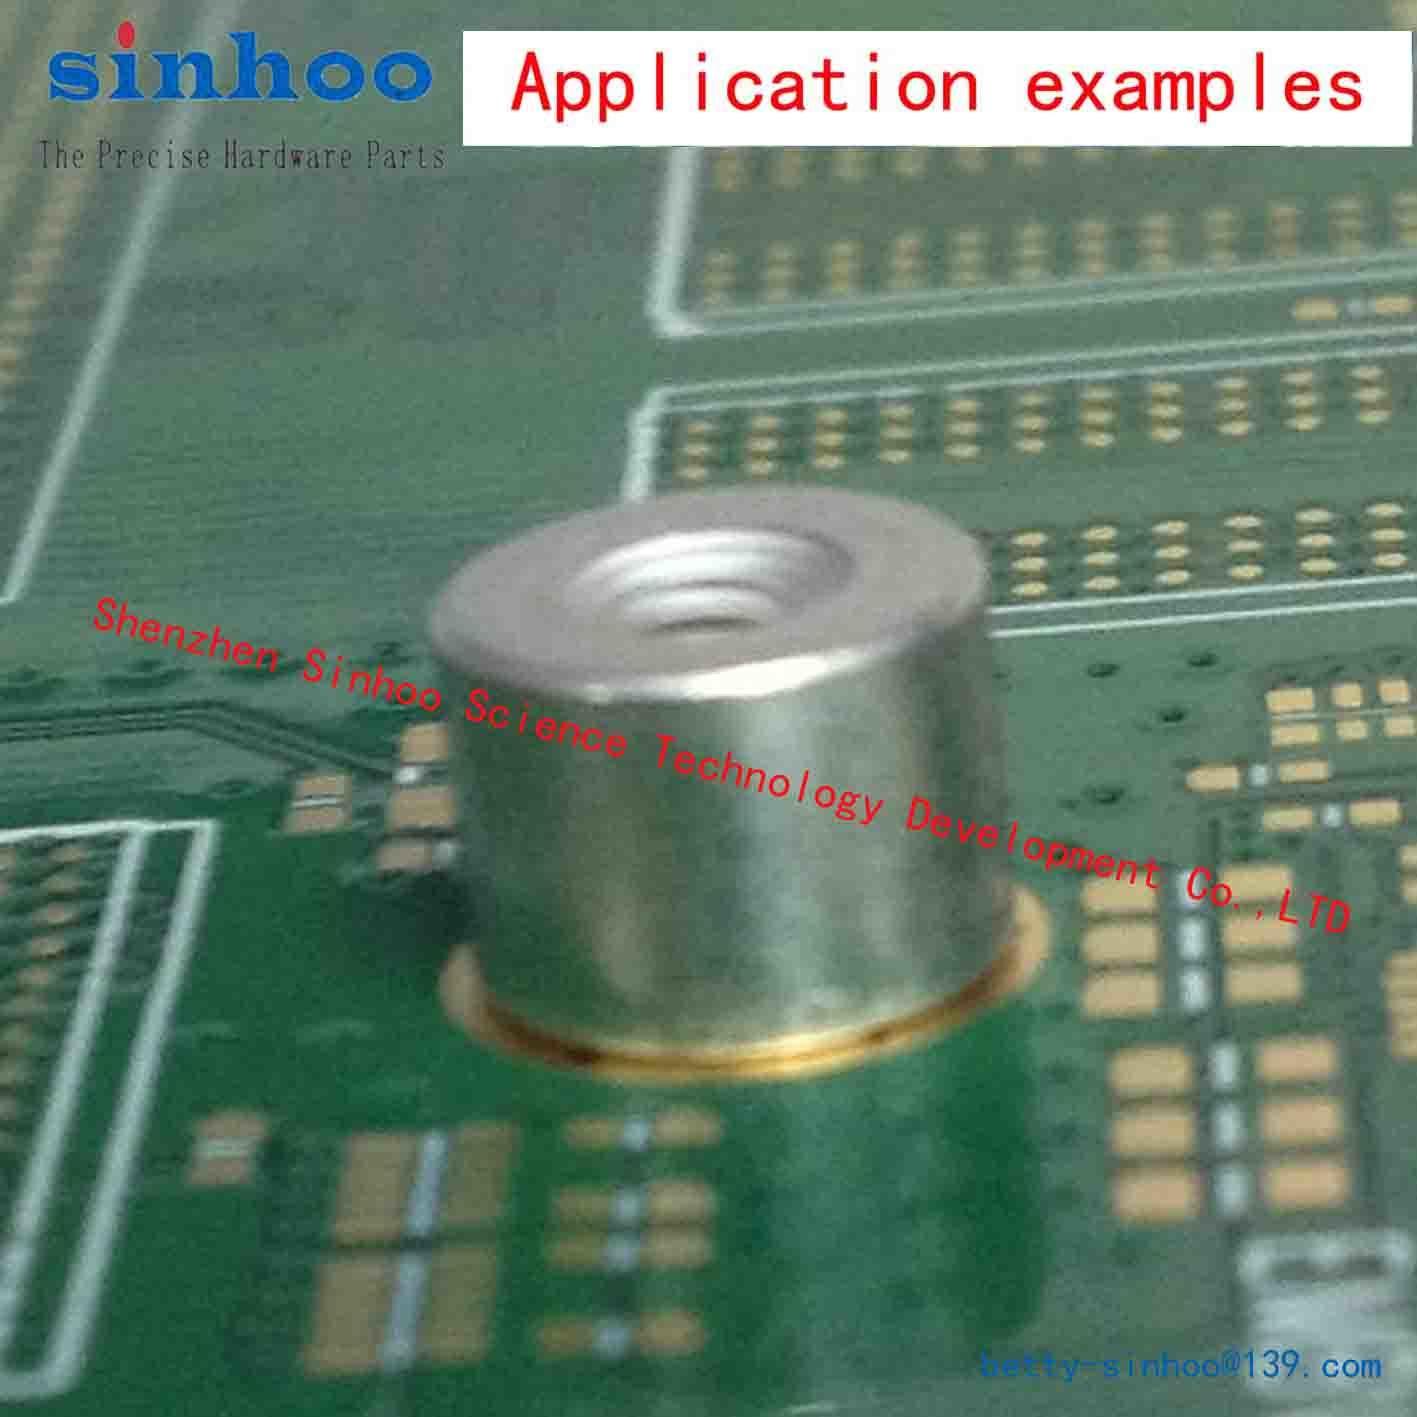 Smtso-M3-3et, SMT Nut, Weld Nut, Round Nut, Pem Reel Package, SMT, PCB